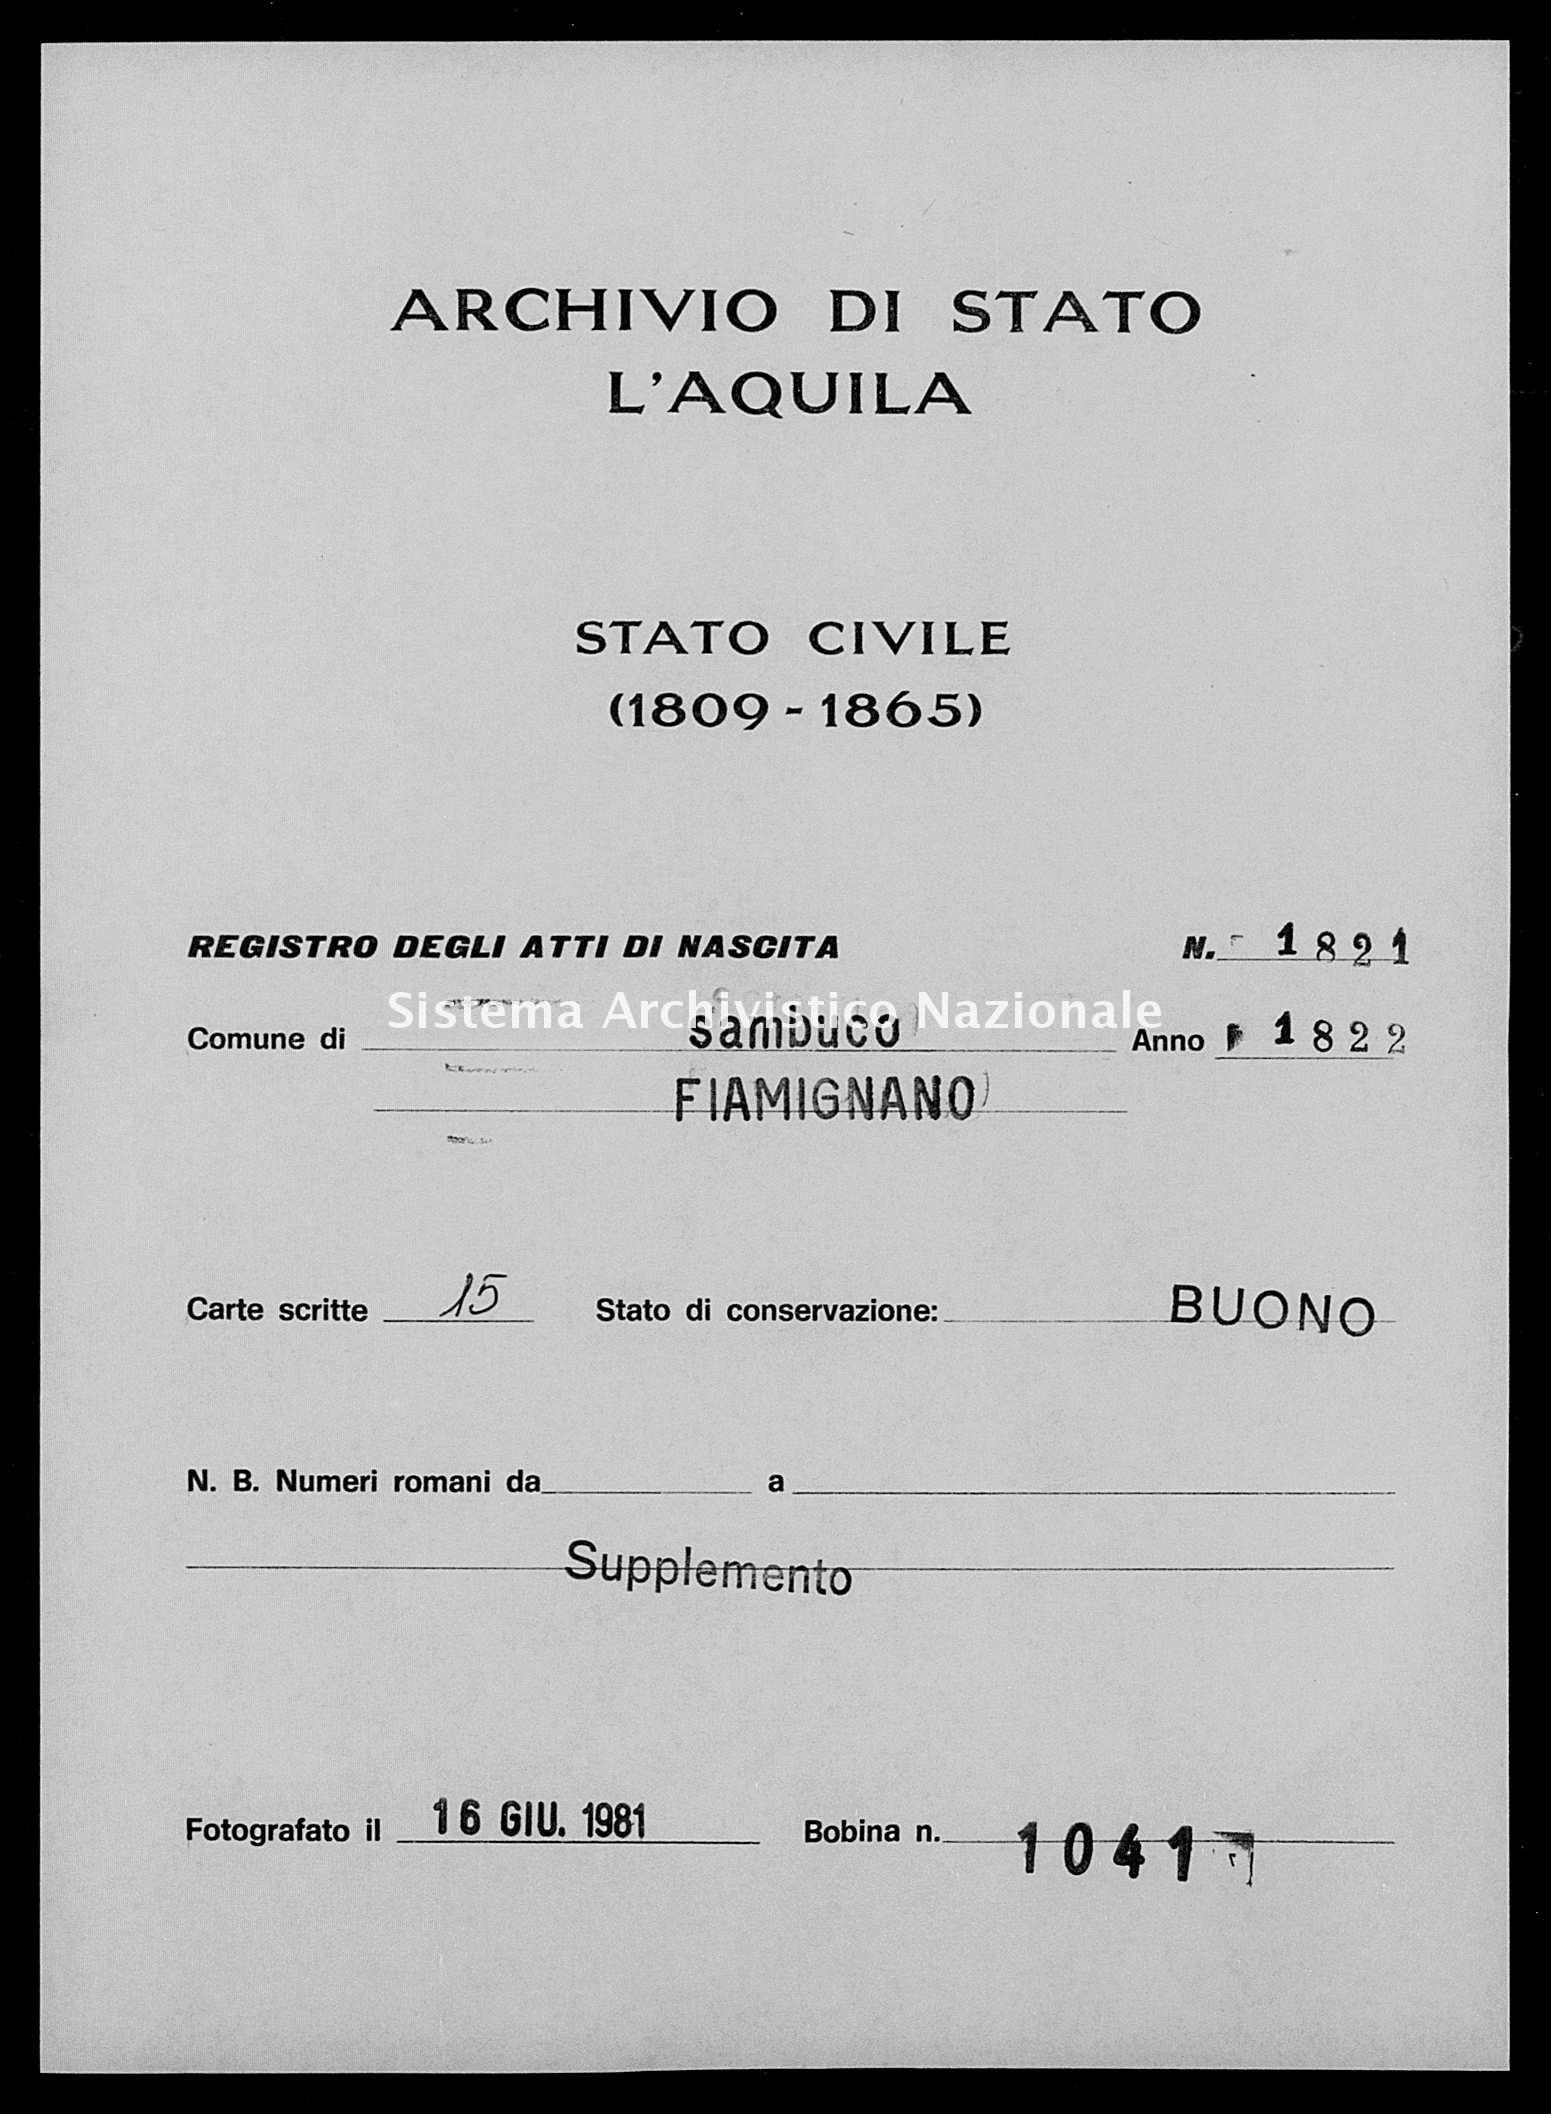 Archivio di stato di L'aquila - Stato civile della restaurazione - Sambuco - Nati, battesimi - 1822 - 1821 -